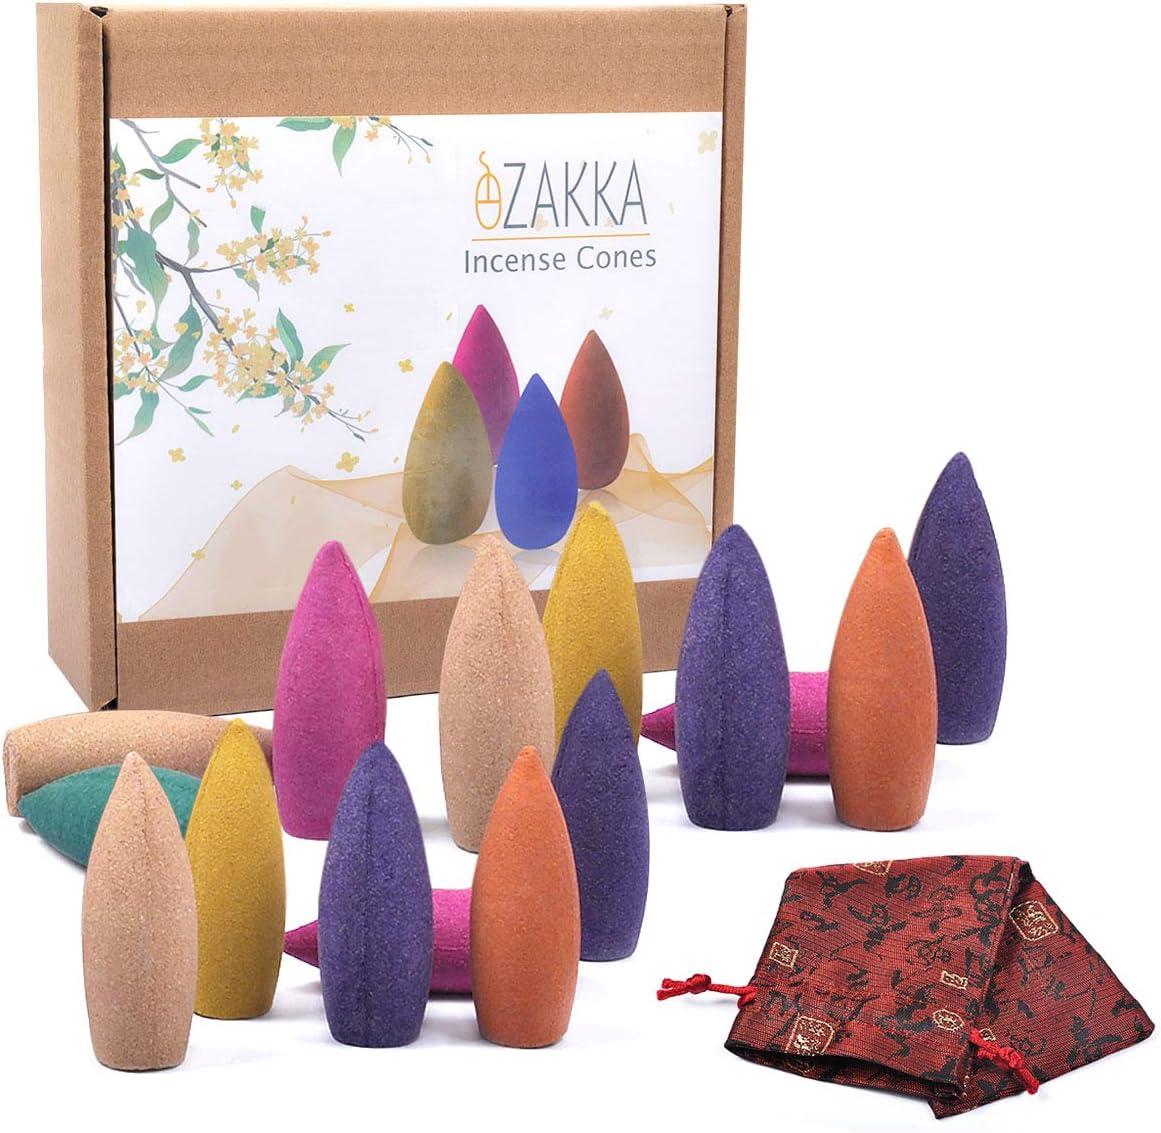 eZAKKA Backflow Incense Cones 120 Pieces Mixed Natural Incense Cone with Storage Bag